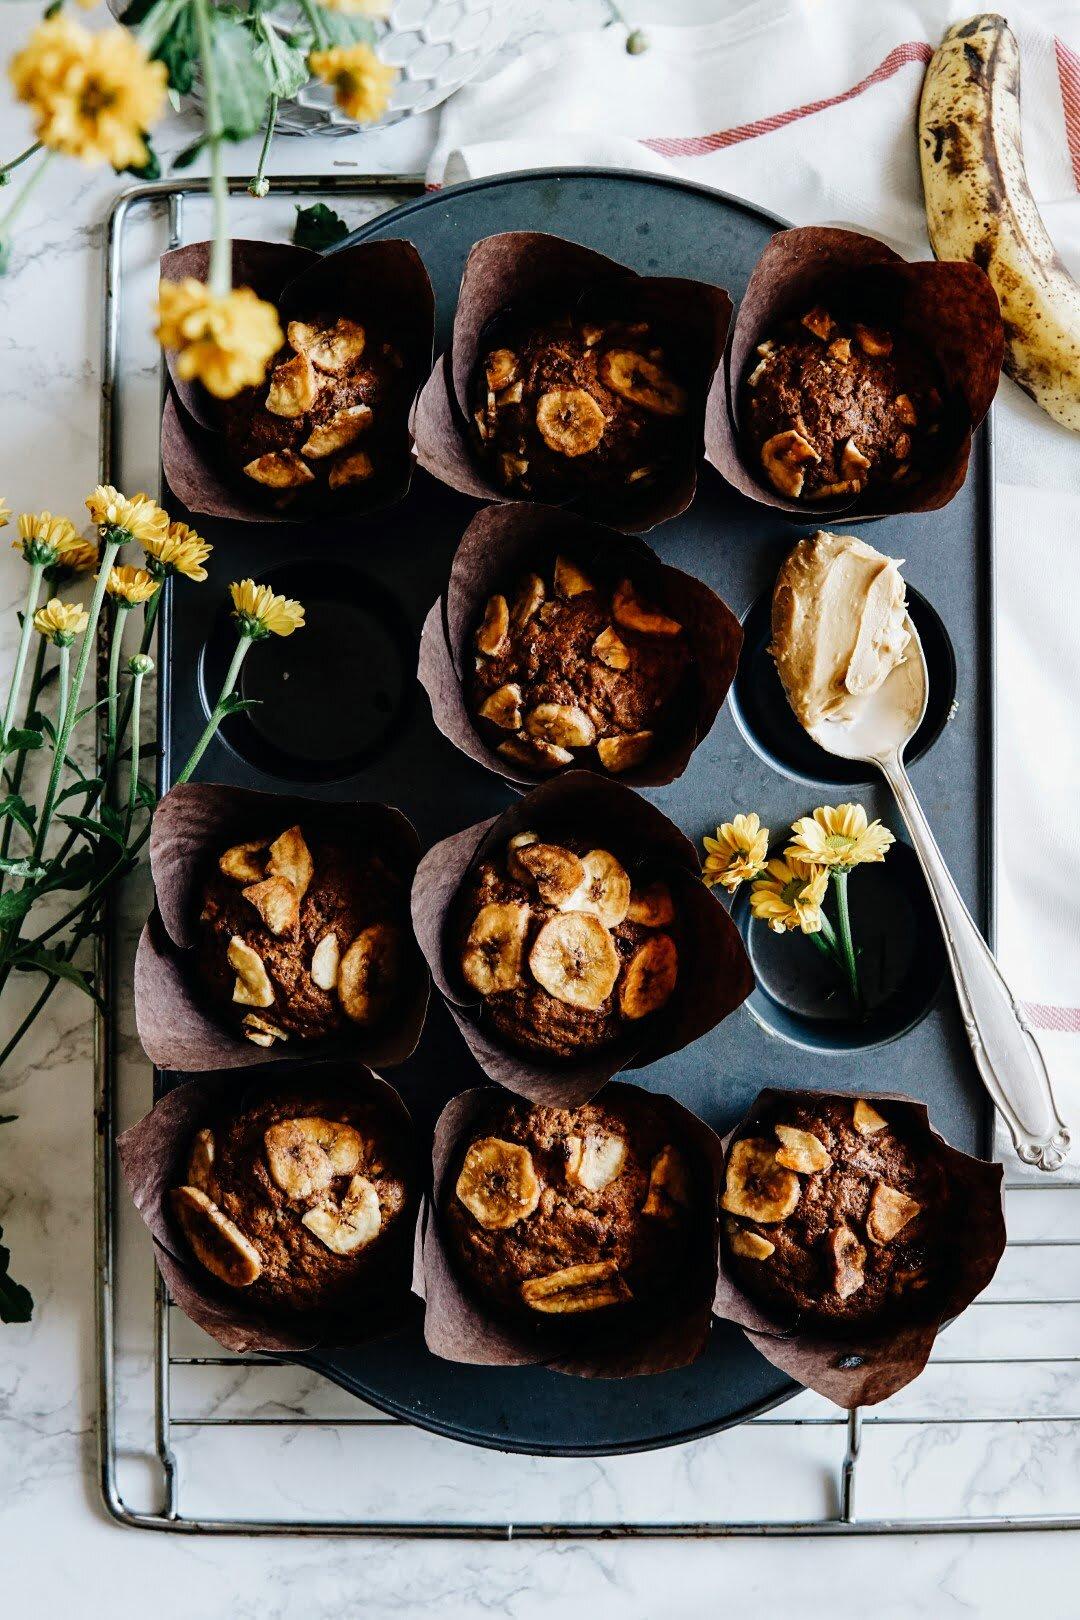 Muffiny z karmelizowanymi bananami, dżemem porzeczkowym i masłem orzechowym 50